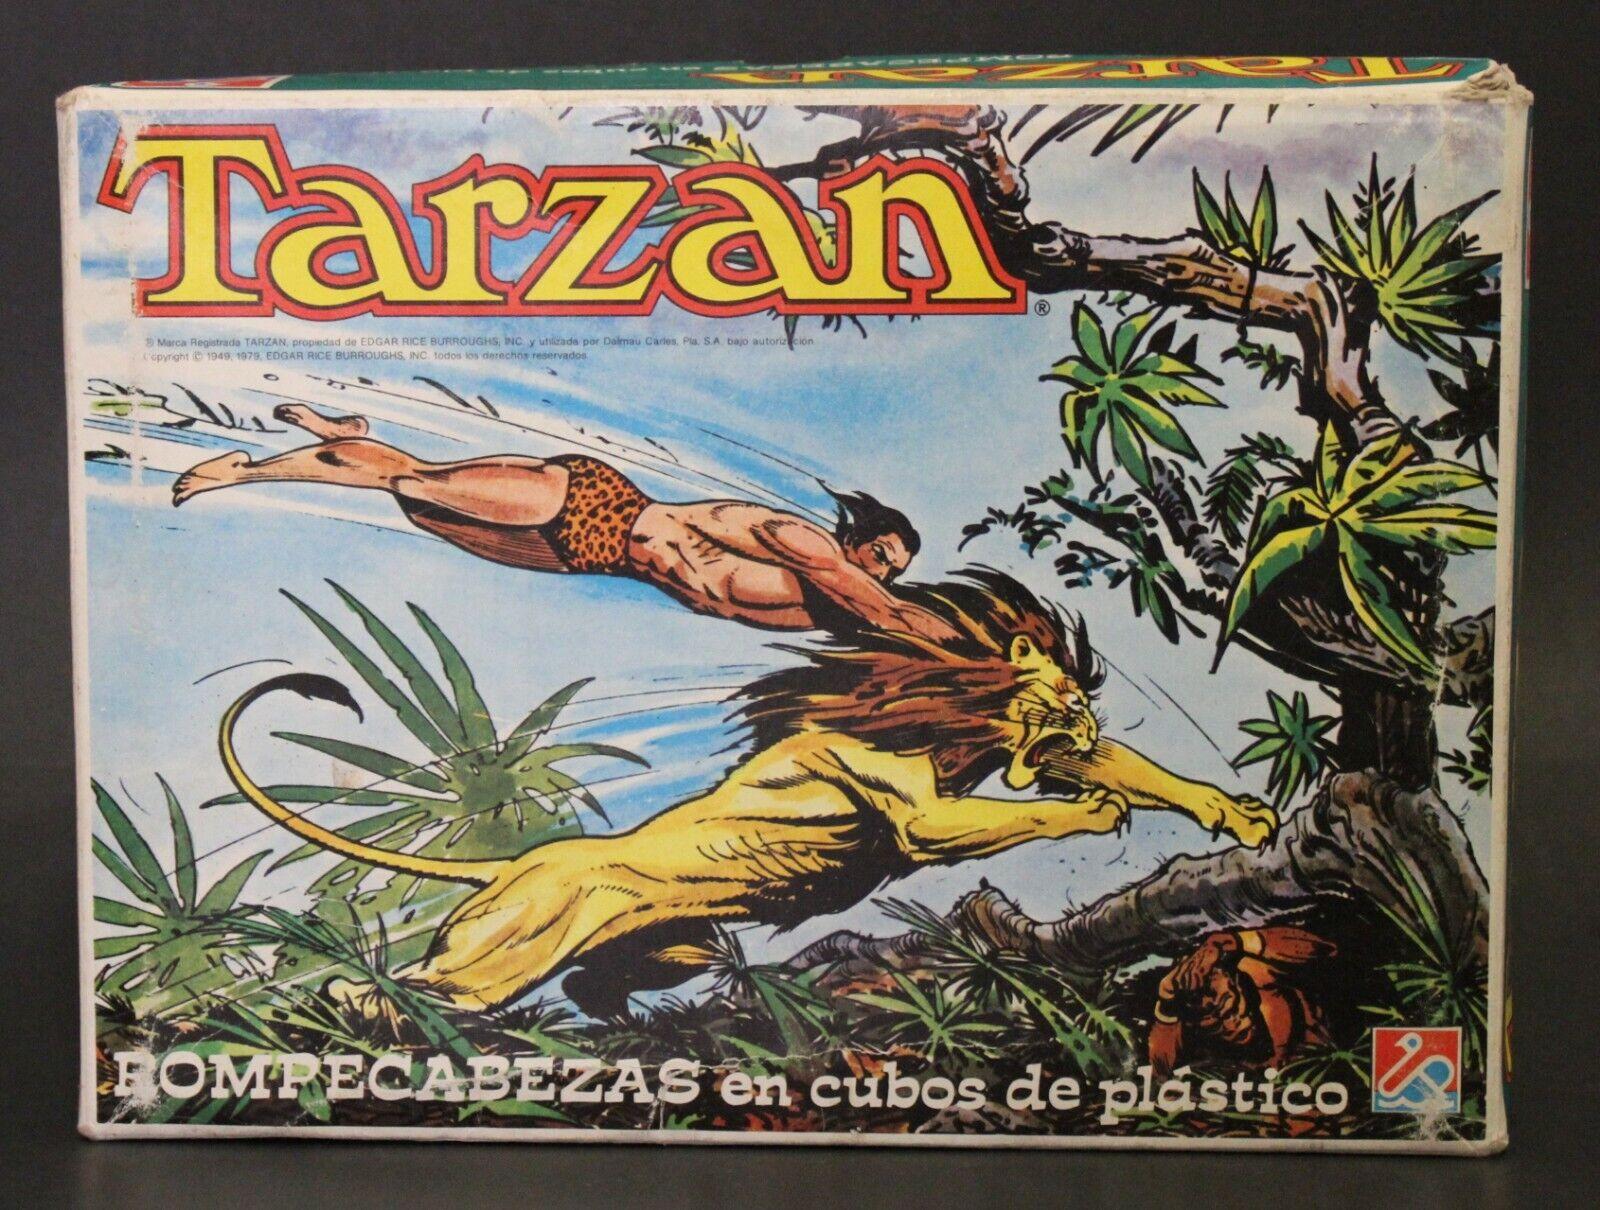 1979 Dalmau TARZAN plastic cubes puzzle - Edgar Rice Burroughs